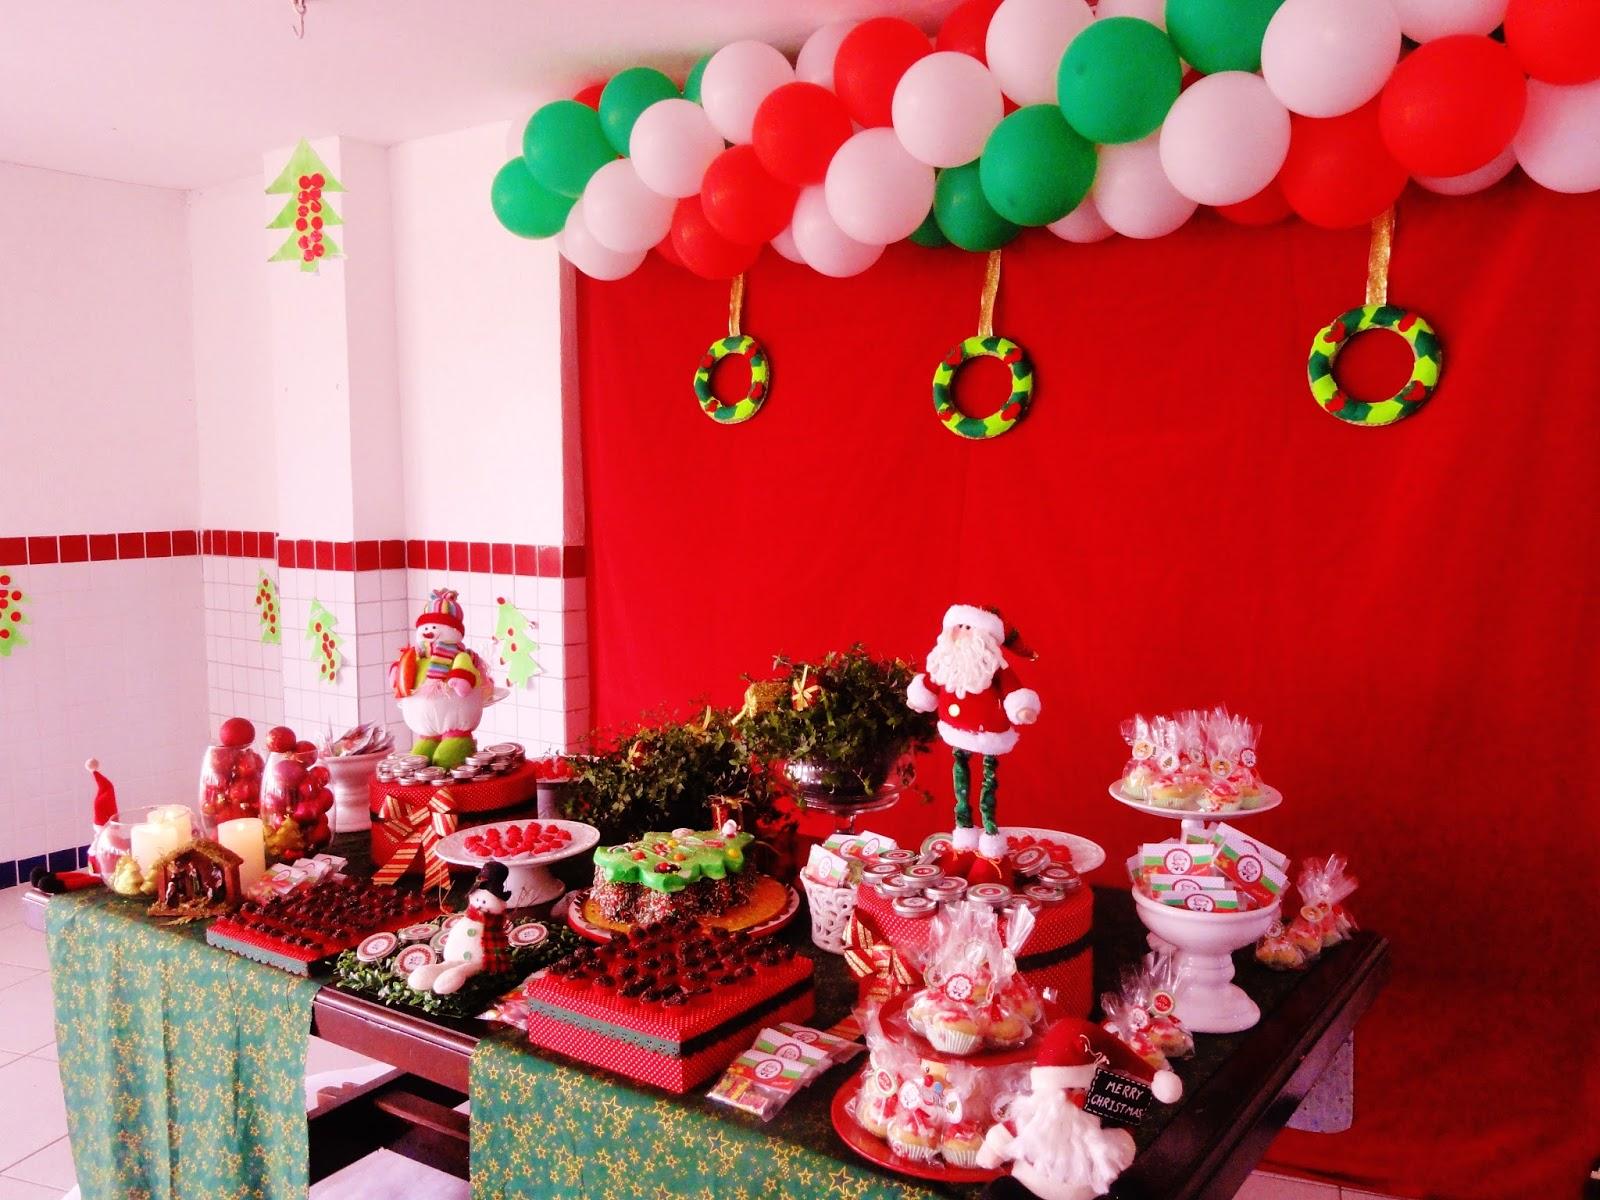 Rafaela Colonese Decoraç u00e3o de Natal na escola -> Decoração De Natal Simples Escola